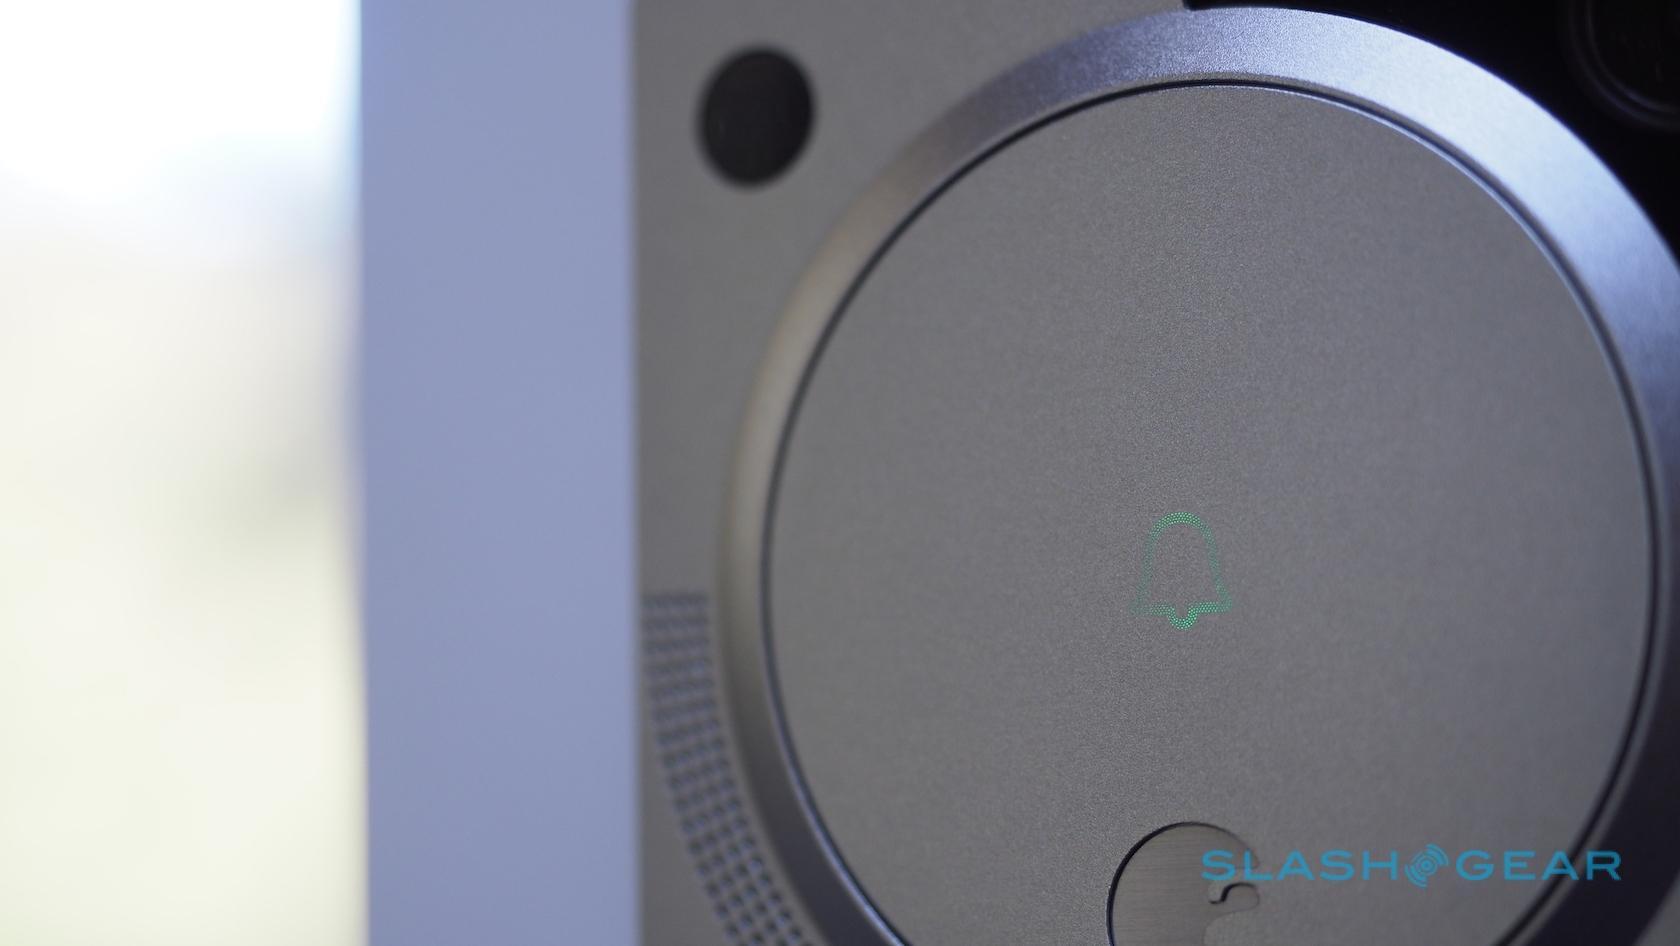 august-doorbell-cam-review-2